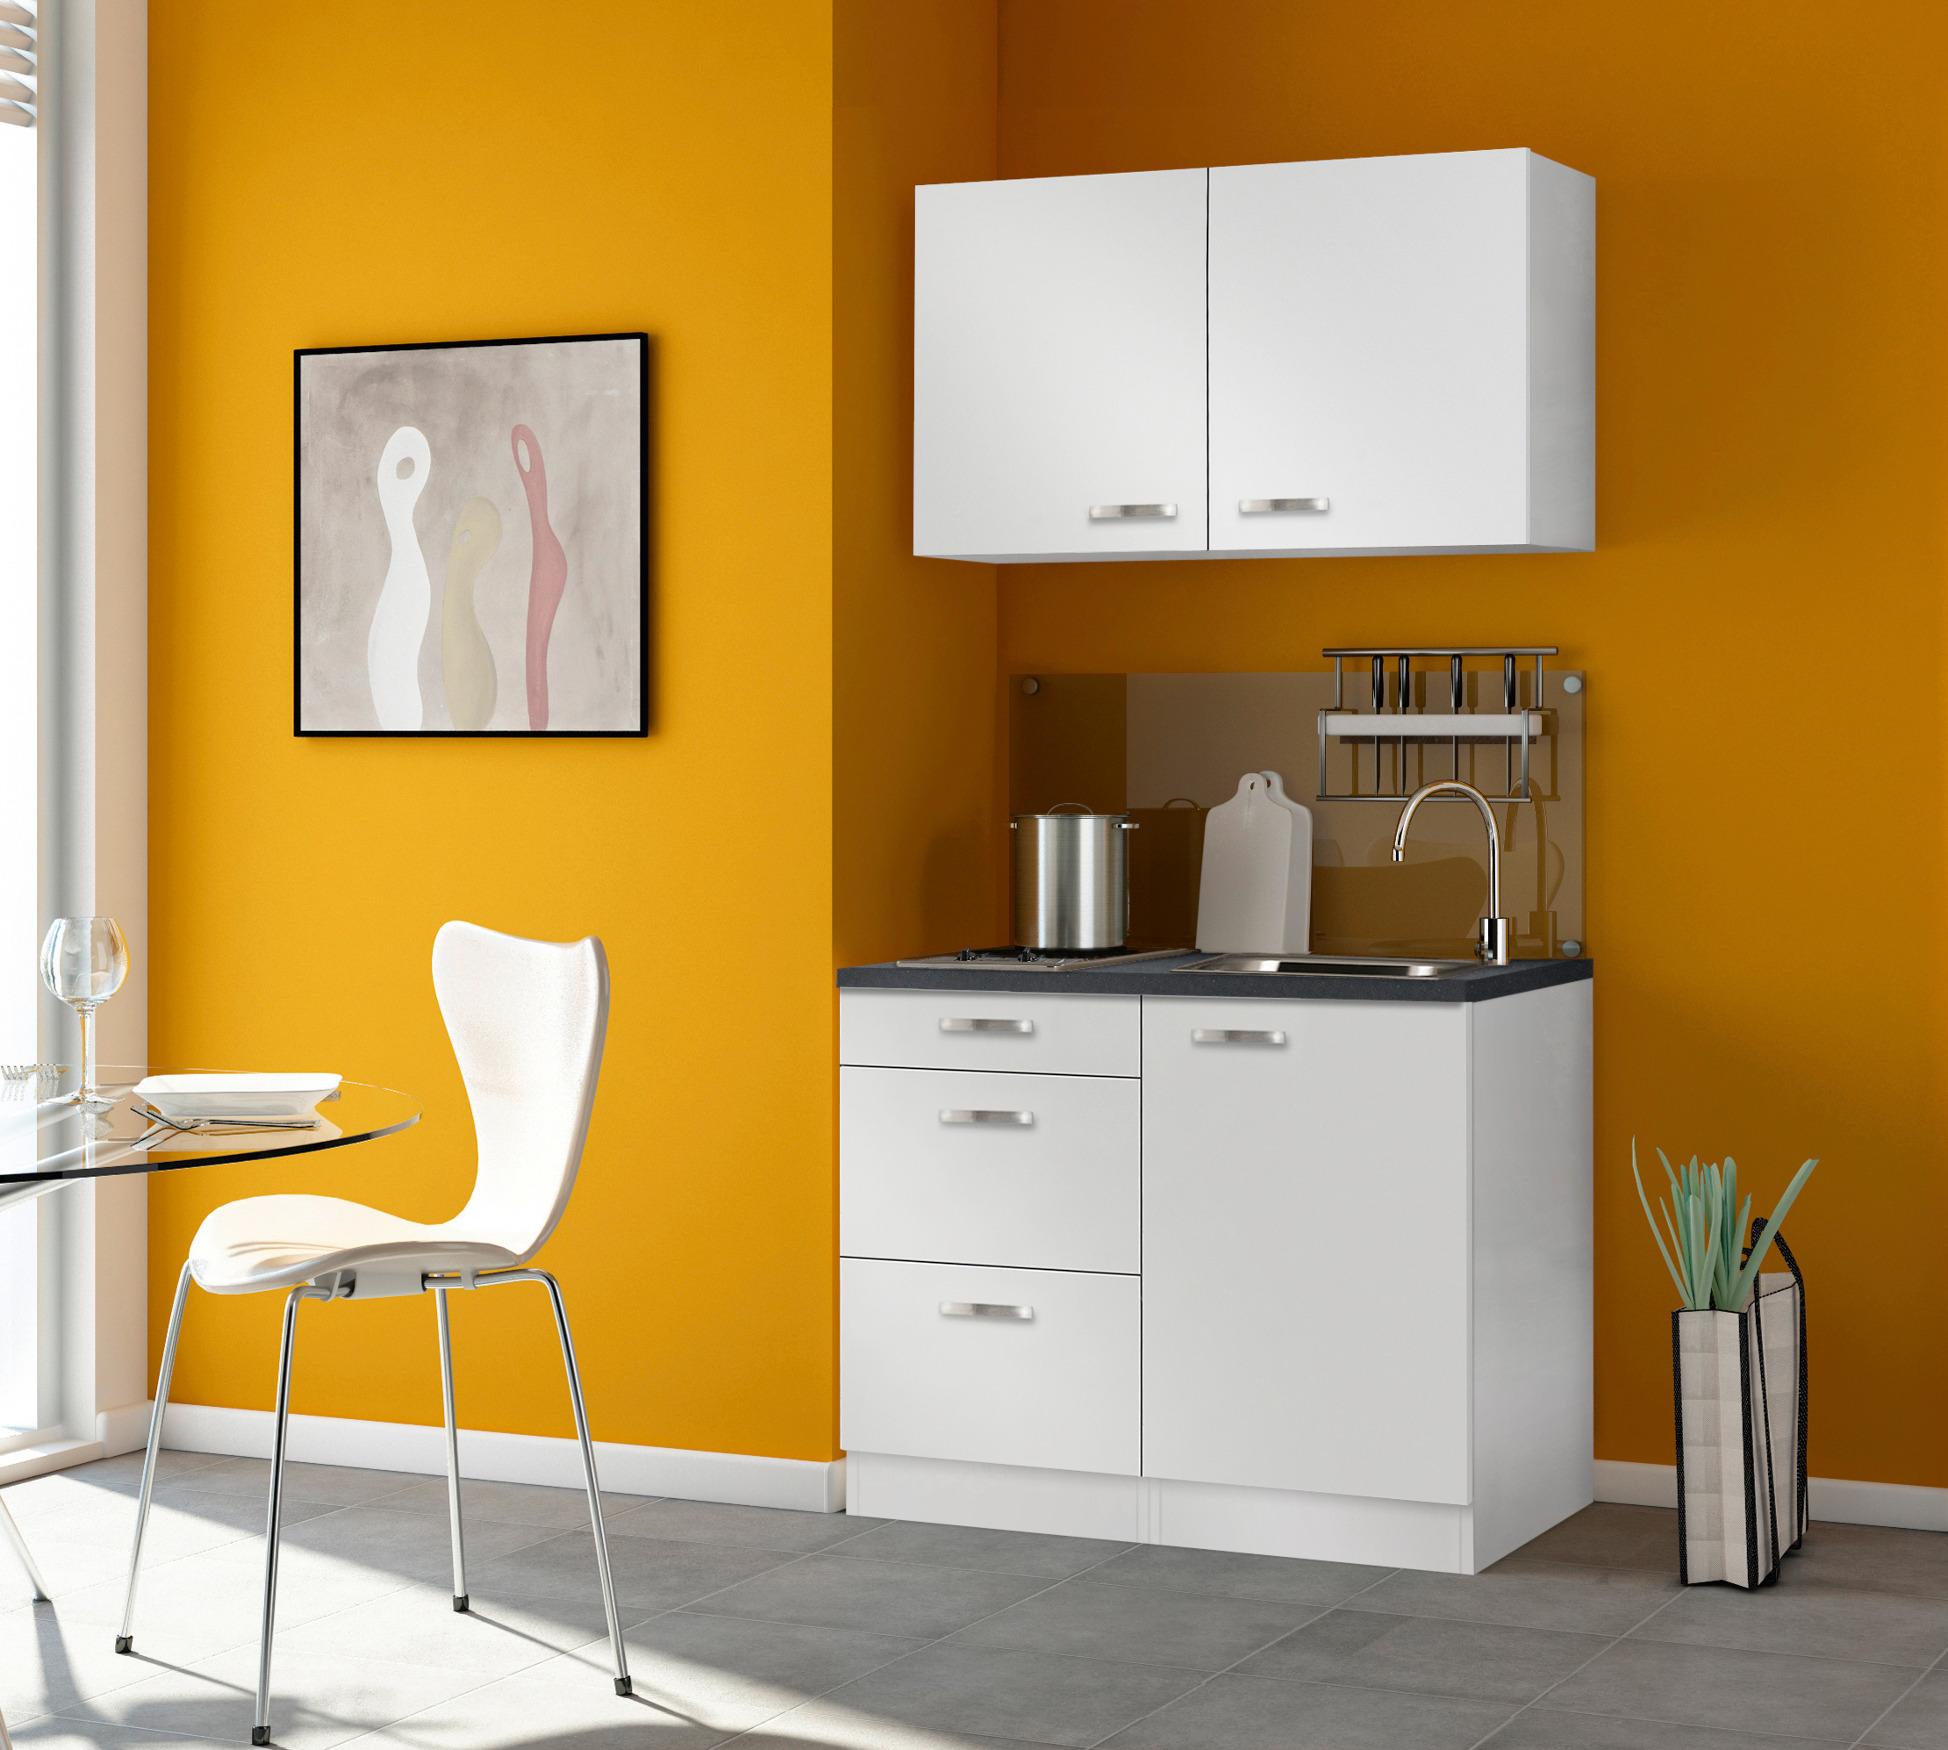 Full Size of Mini Küche Einrichten Mini Küche Einbauen Lassen Mini Küche Für Gartenlaube Mini Küche Mit Geschirrspüler Küche Mini Küche